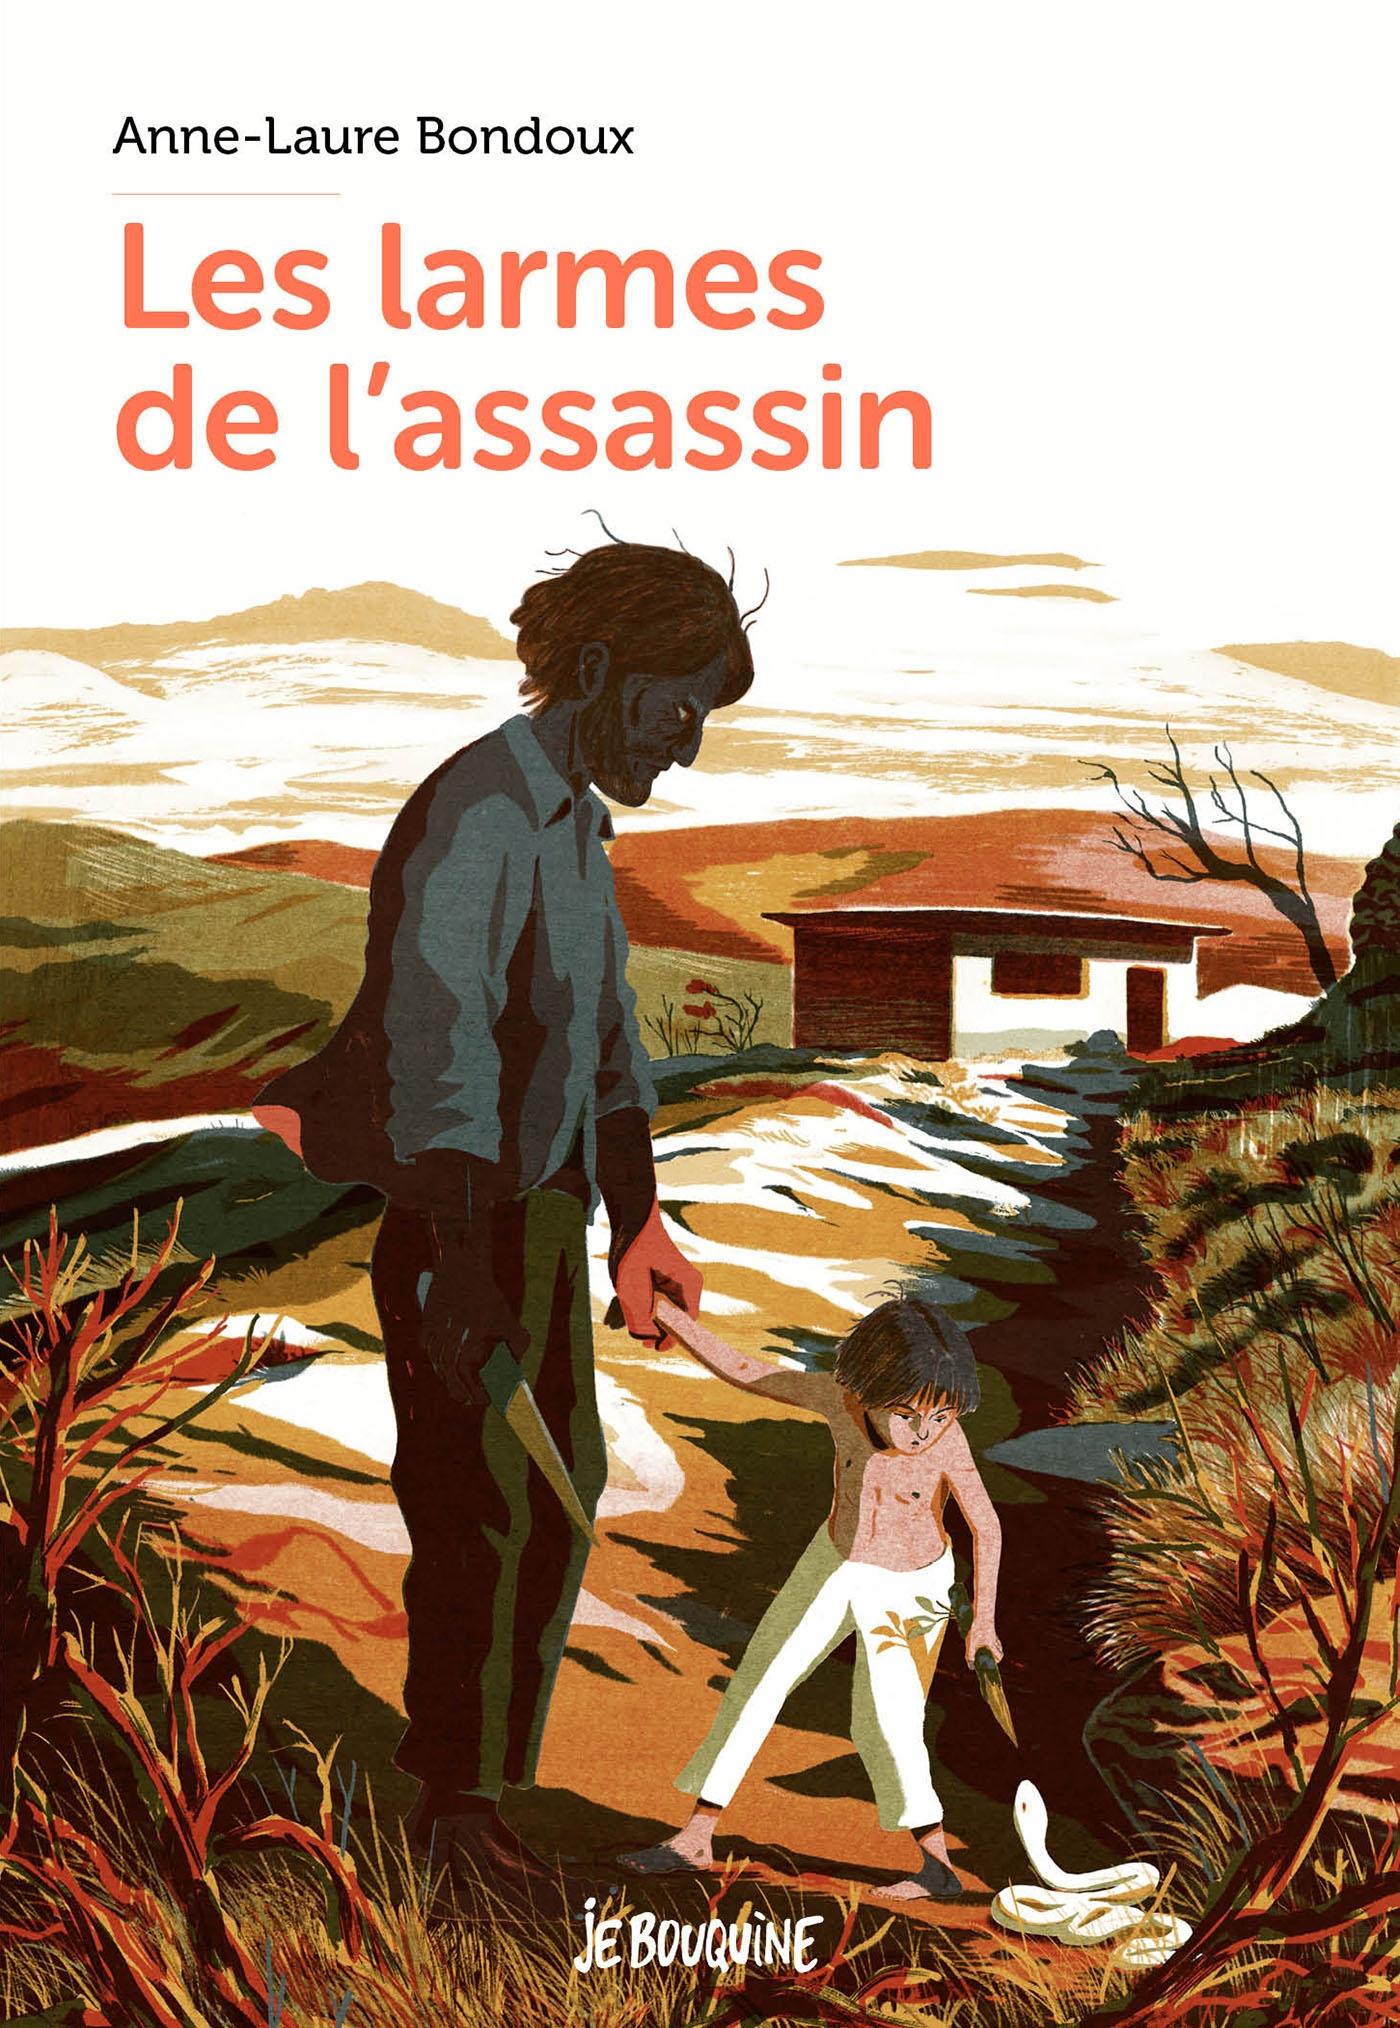 Les larmes de l'assassin | Bondoux, Anne-Laure